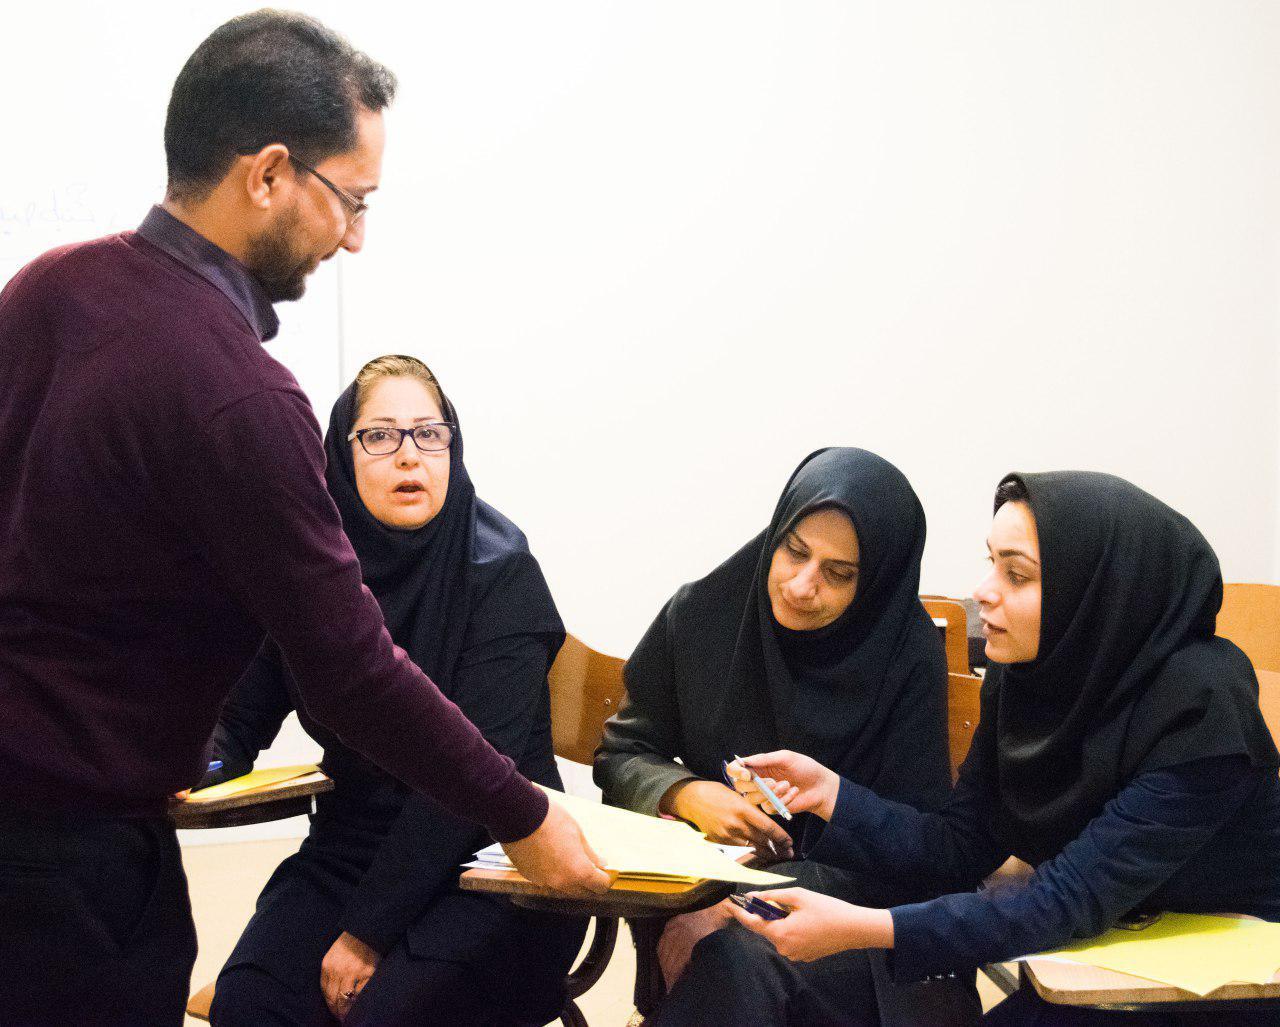 تسهیلگری مربی در کارگاه آینده پژوهی